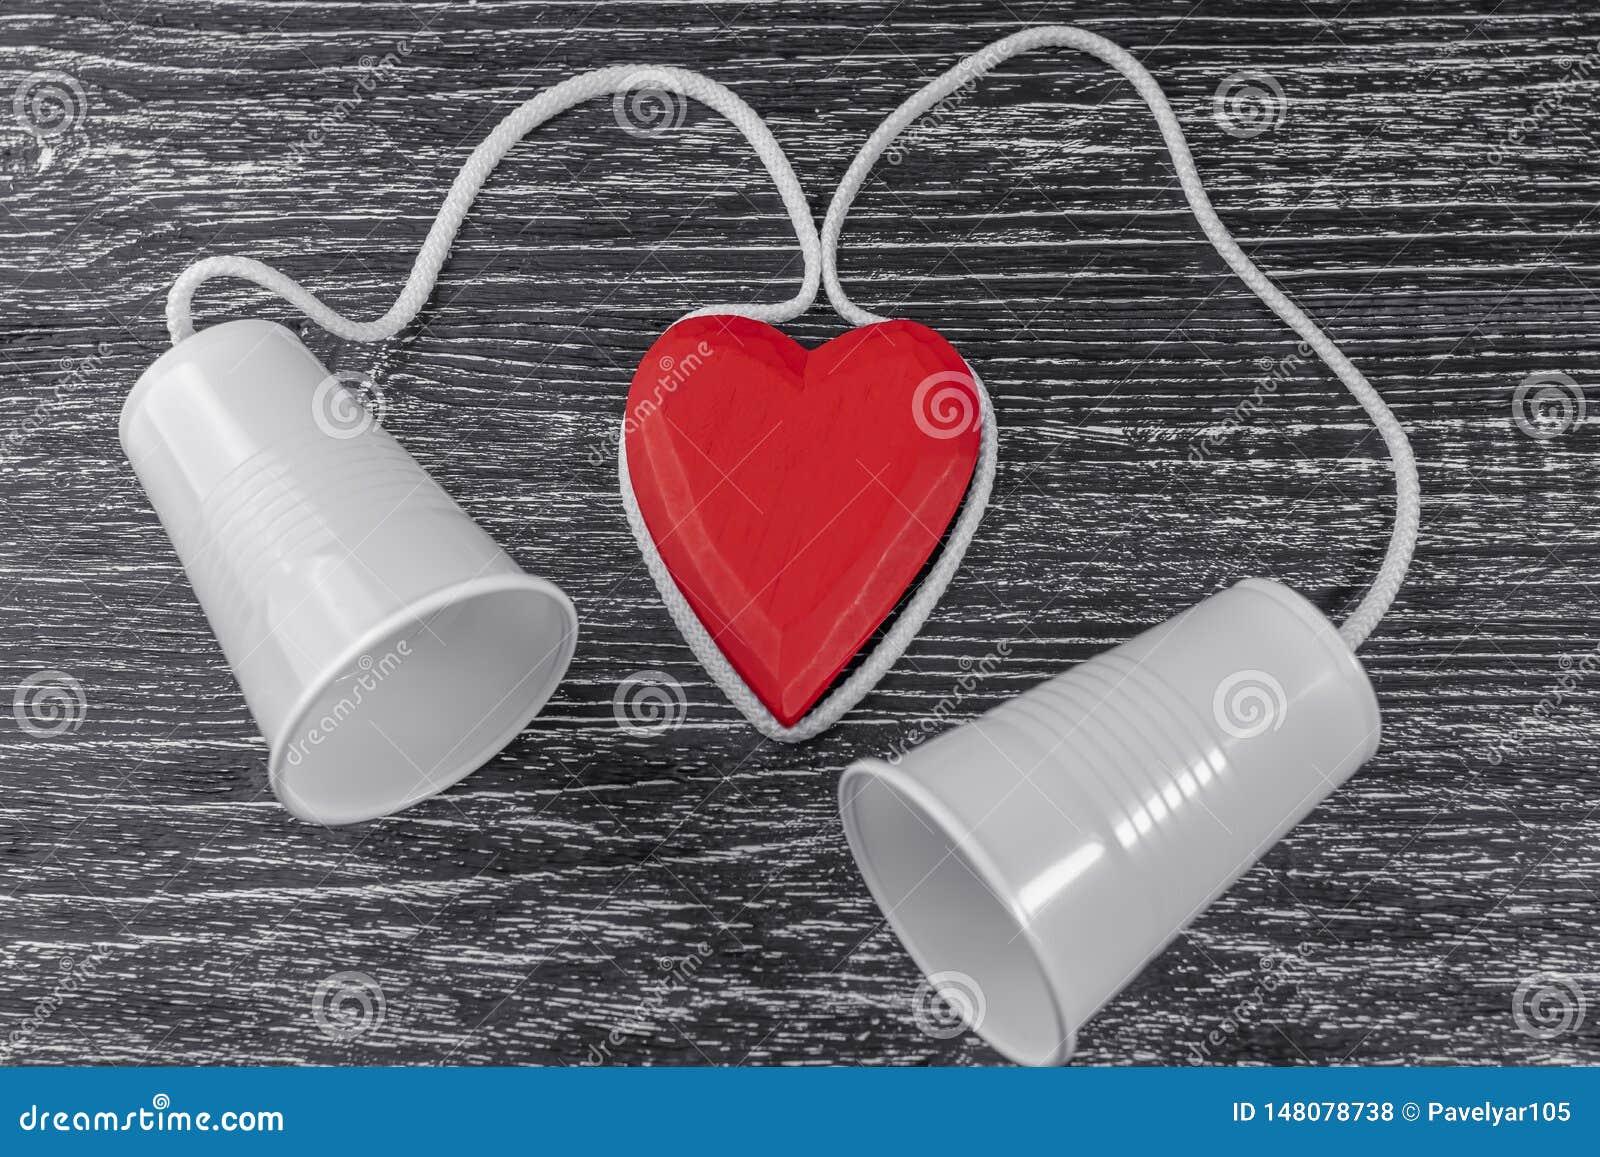 O telefone é feito dos copos plásticos brancos e uma corda branca é colocada em torno de um coração de madeira vermelho